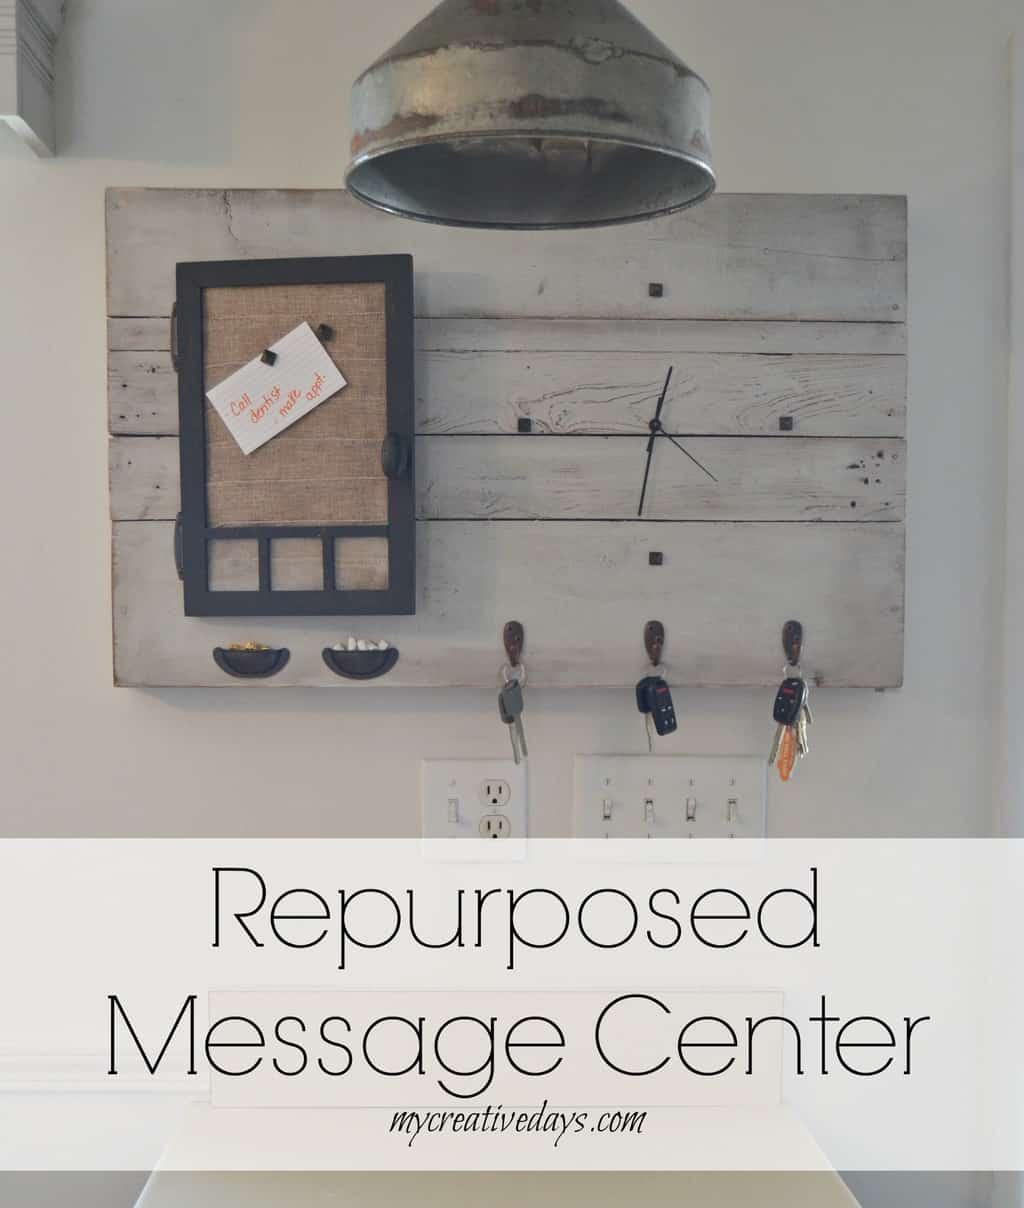 Repurposed Message Center mycreativedays.com